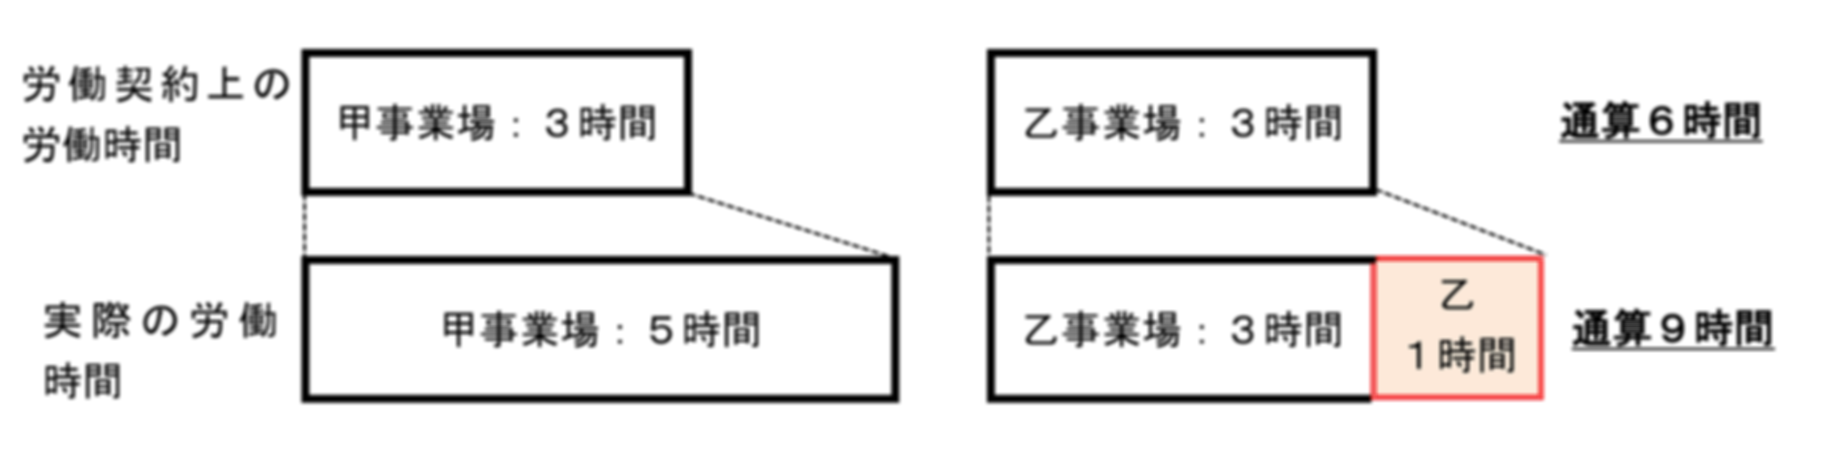 副業・兼業の労働時間管理等実例(4)